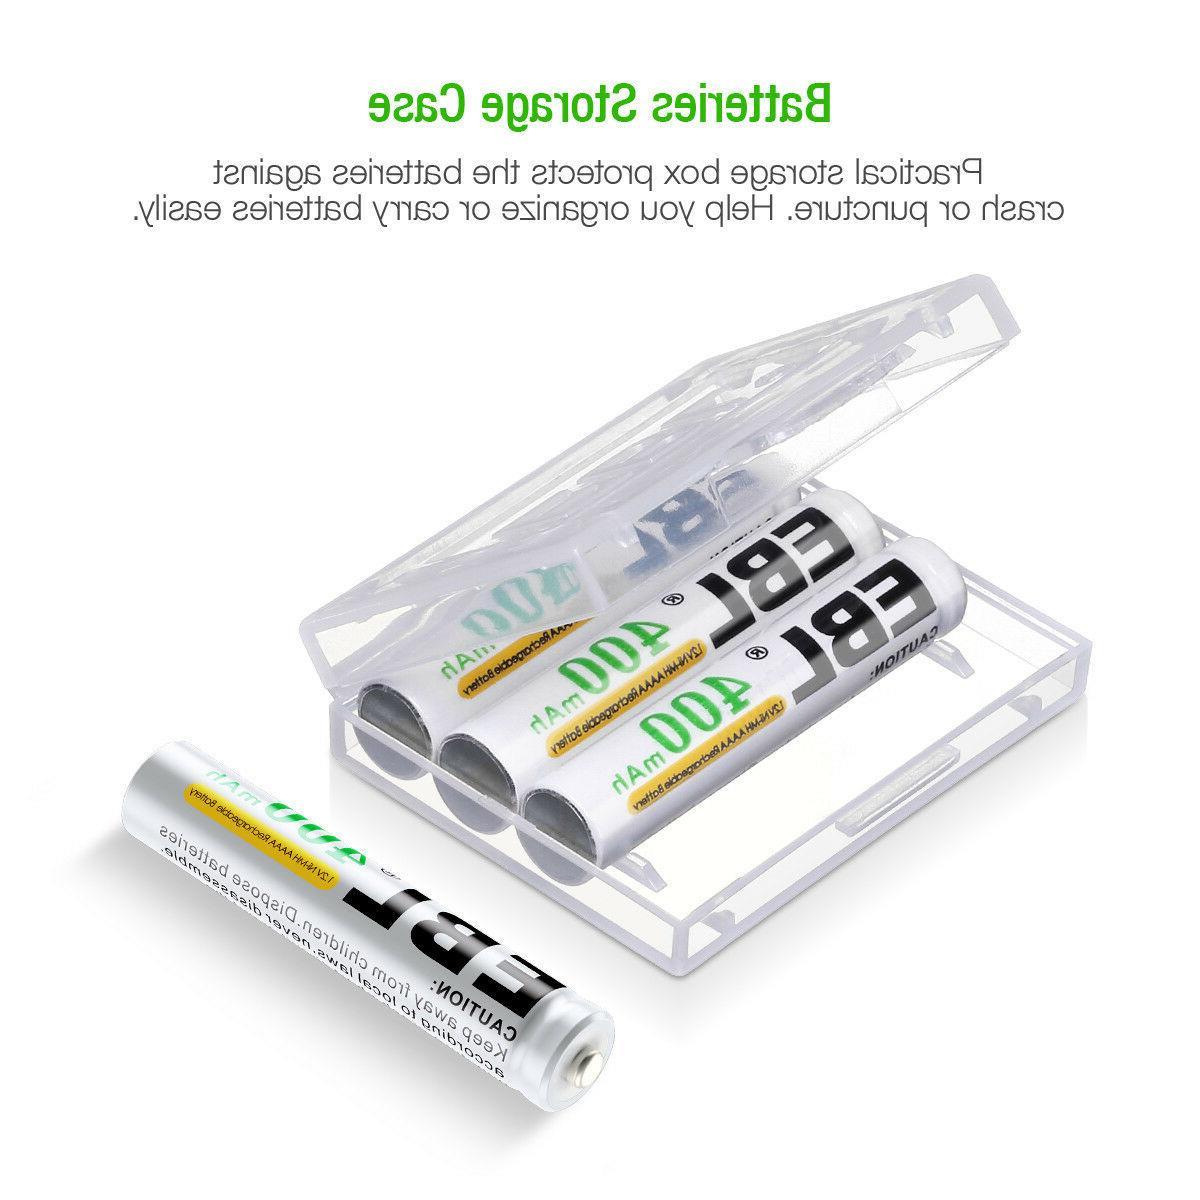 4x400mAh Batteries Pen